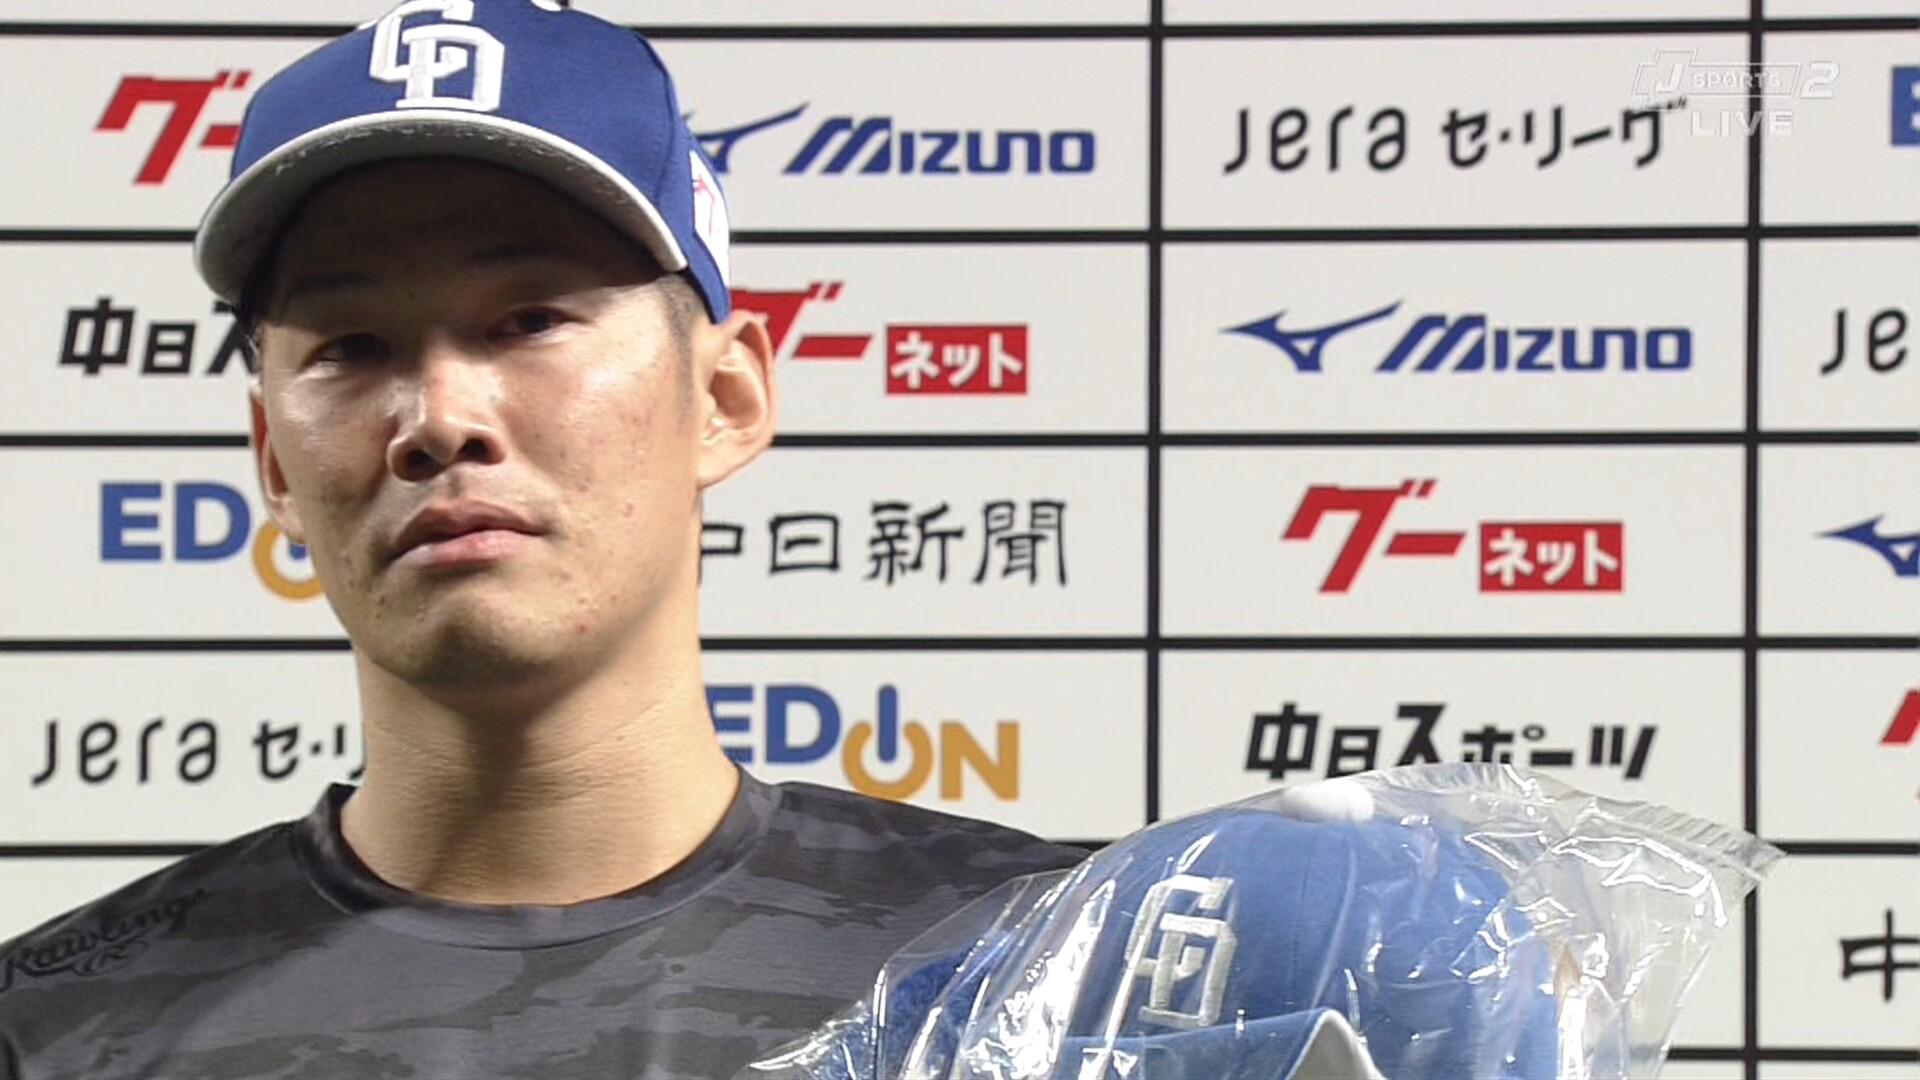 中日、木下雄介さん追悼試合を勝利で飾る